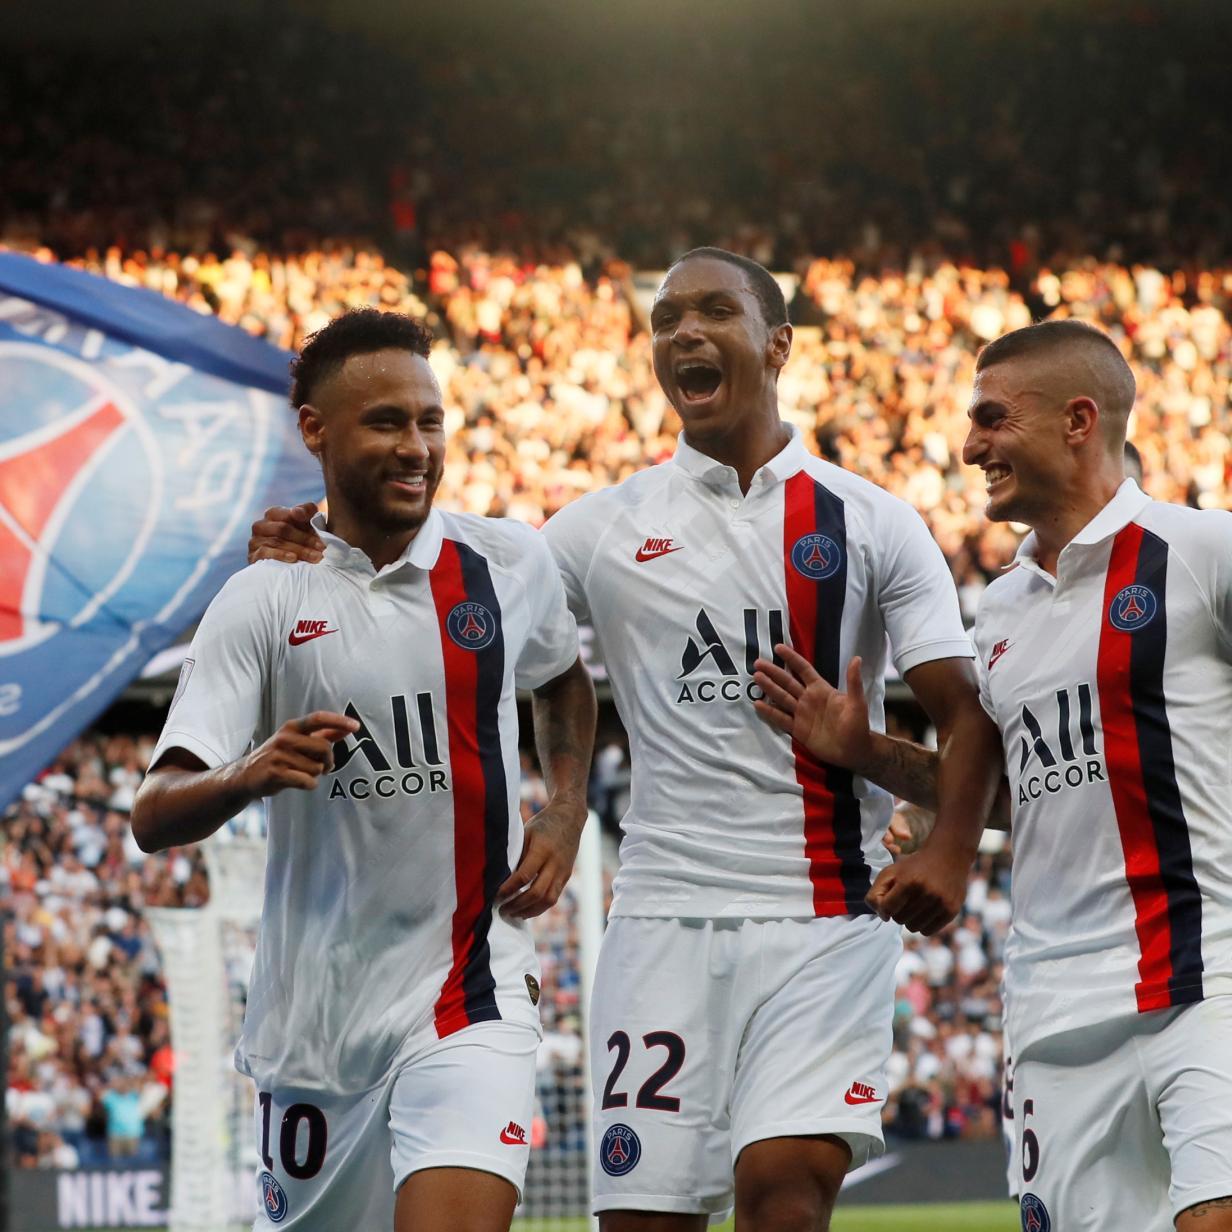 Neymar krönt Comeback für PSG mit Siegtor in der Nachspielzeit